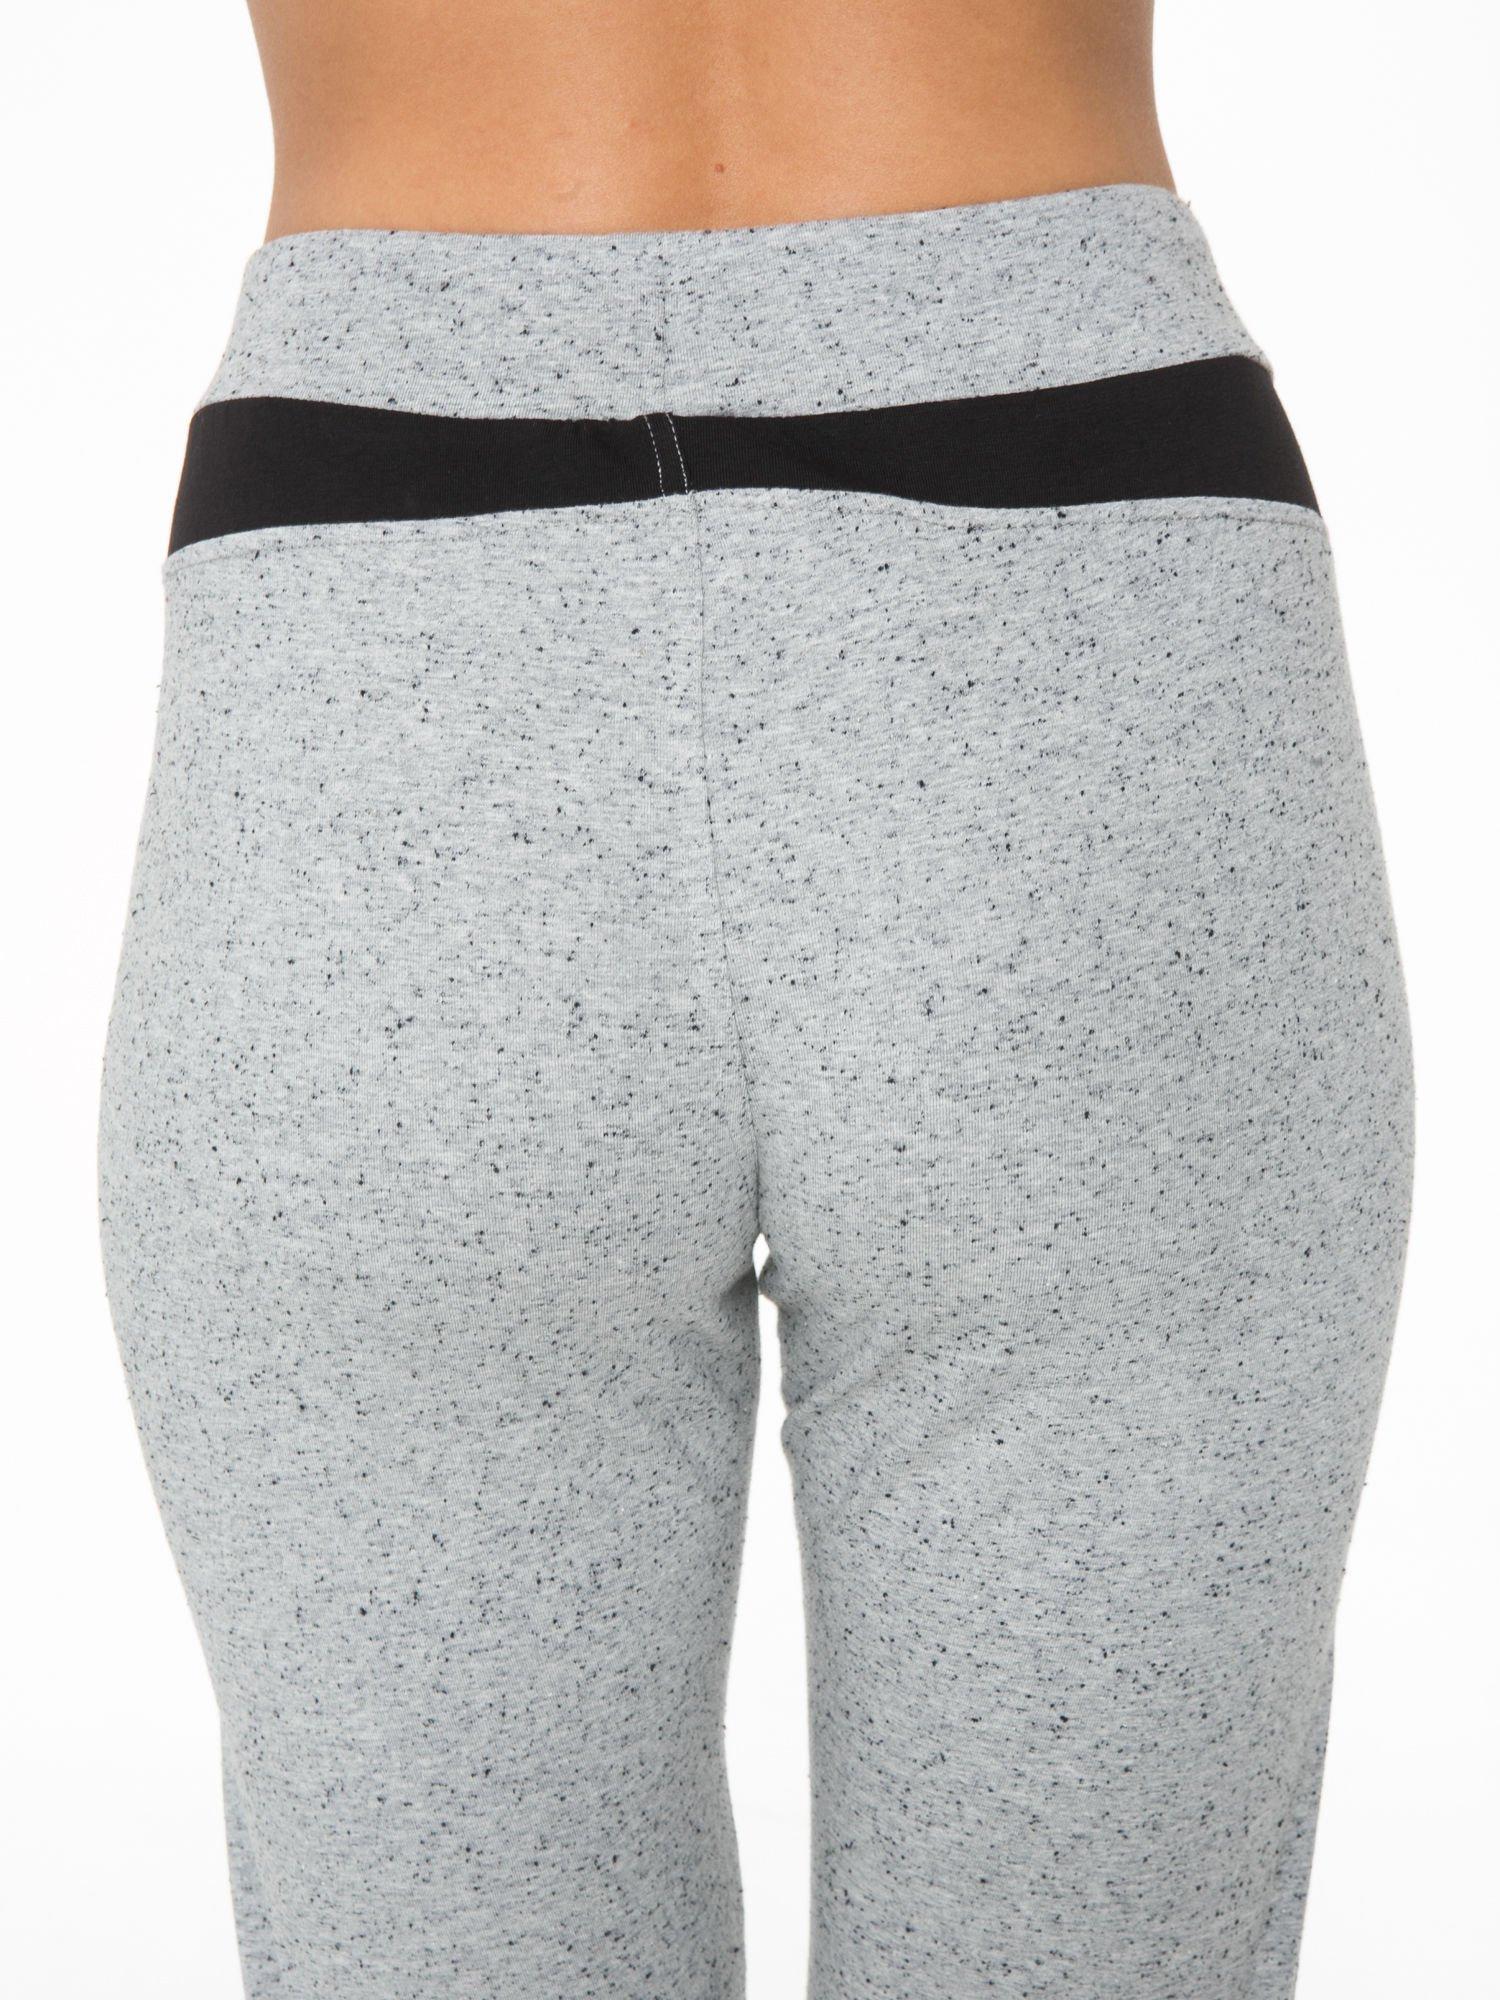 Szare spodnie dresowe damskie z suwakiem i kontrastowymi wstawkami po bokach                                  zdj.                                  10